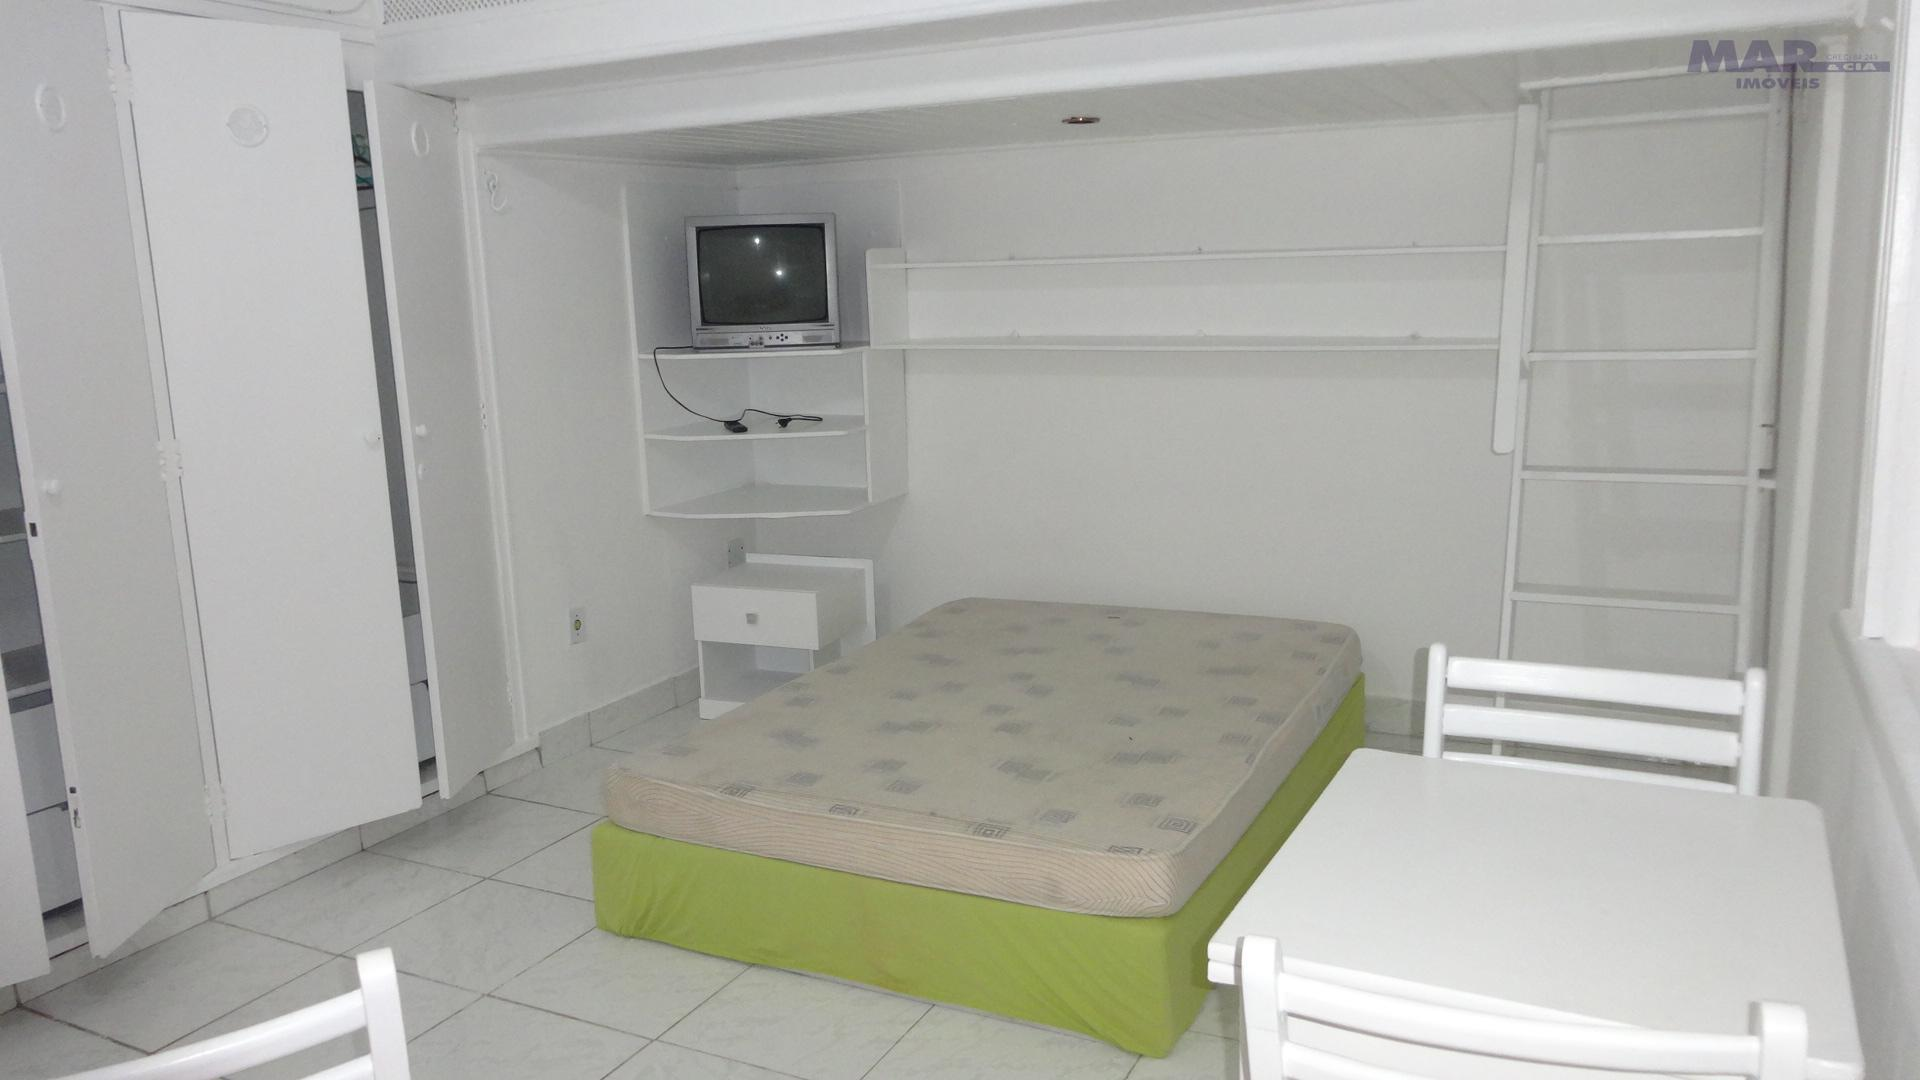 Kitnet residencial para locação, Praia das Pitangueiras, Guarujá.